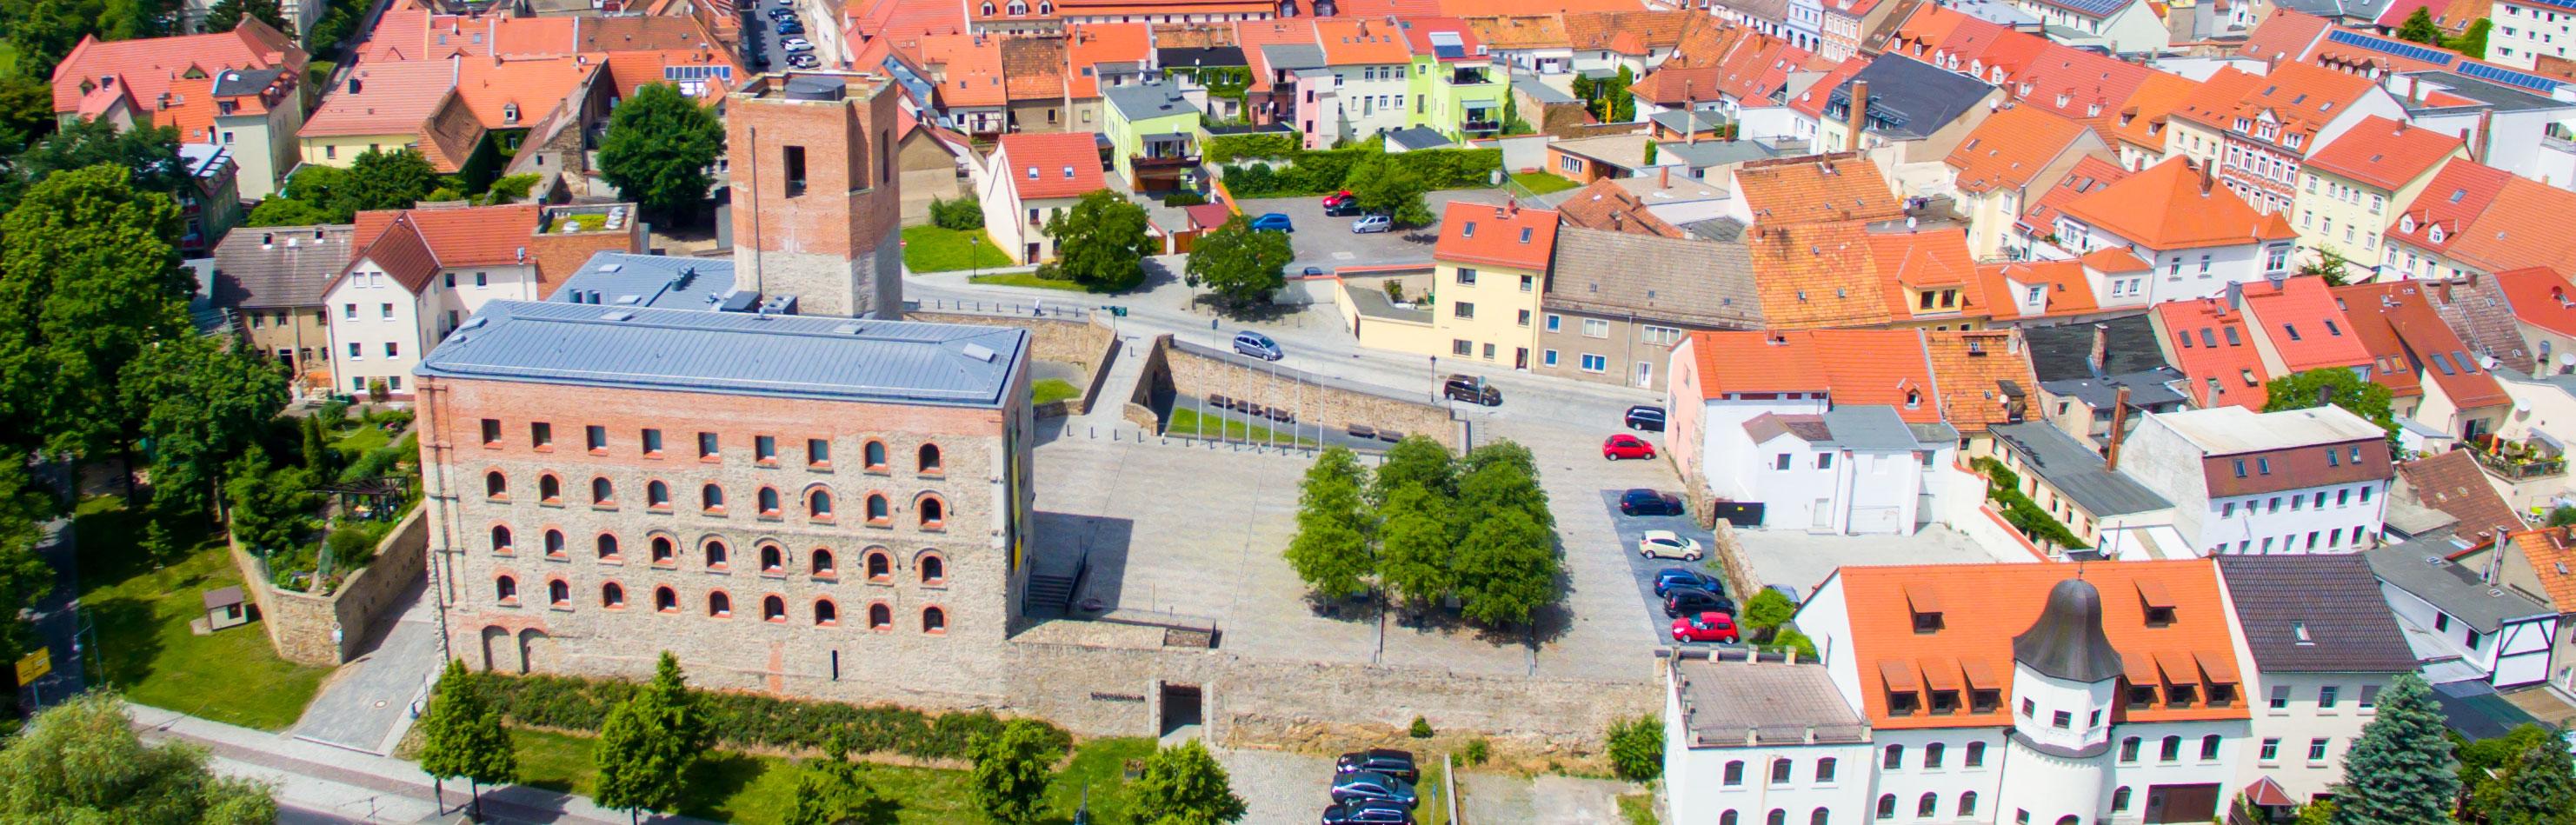 Kulturschloß Grossenhain Stadtansicht